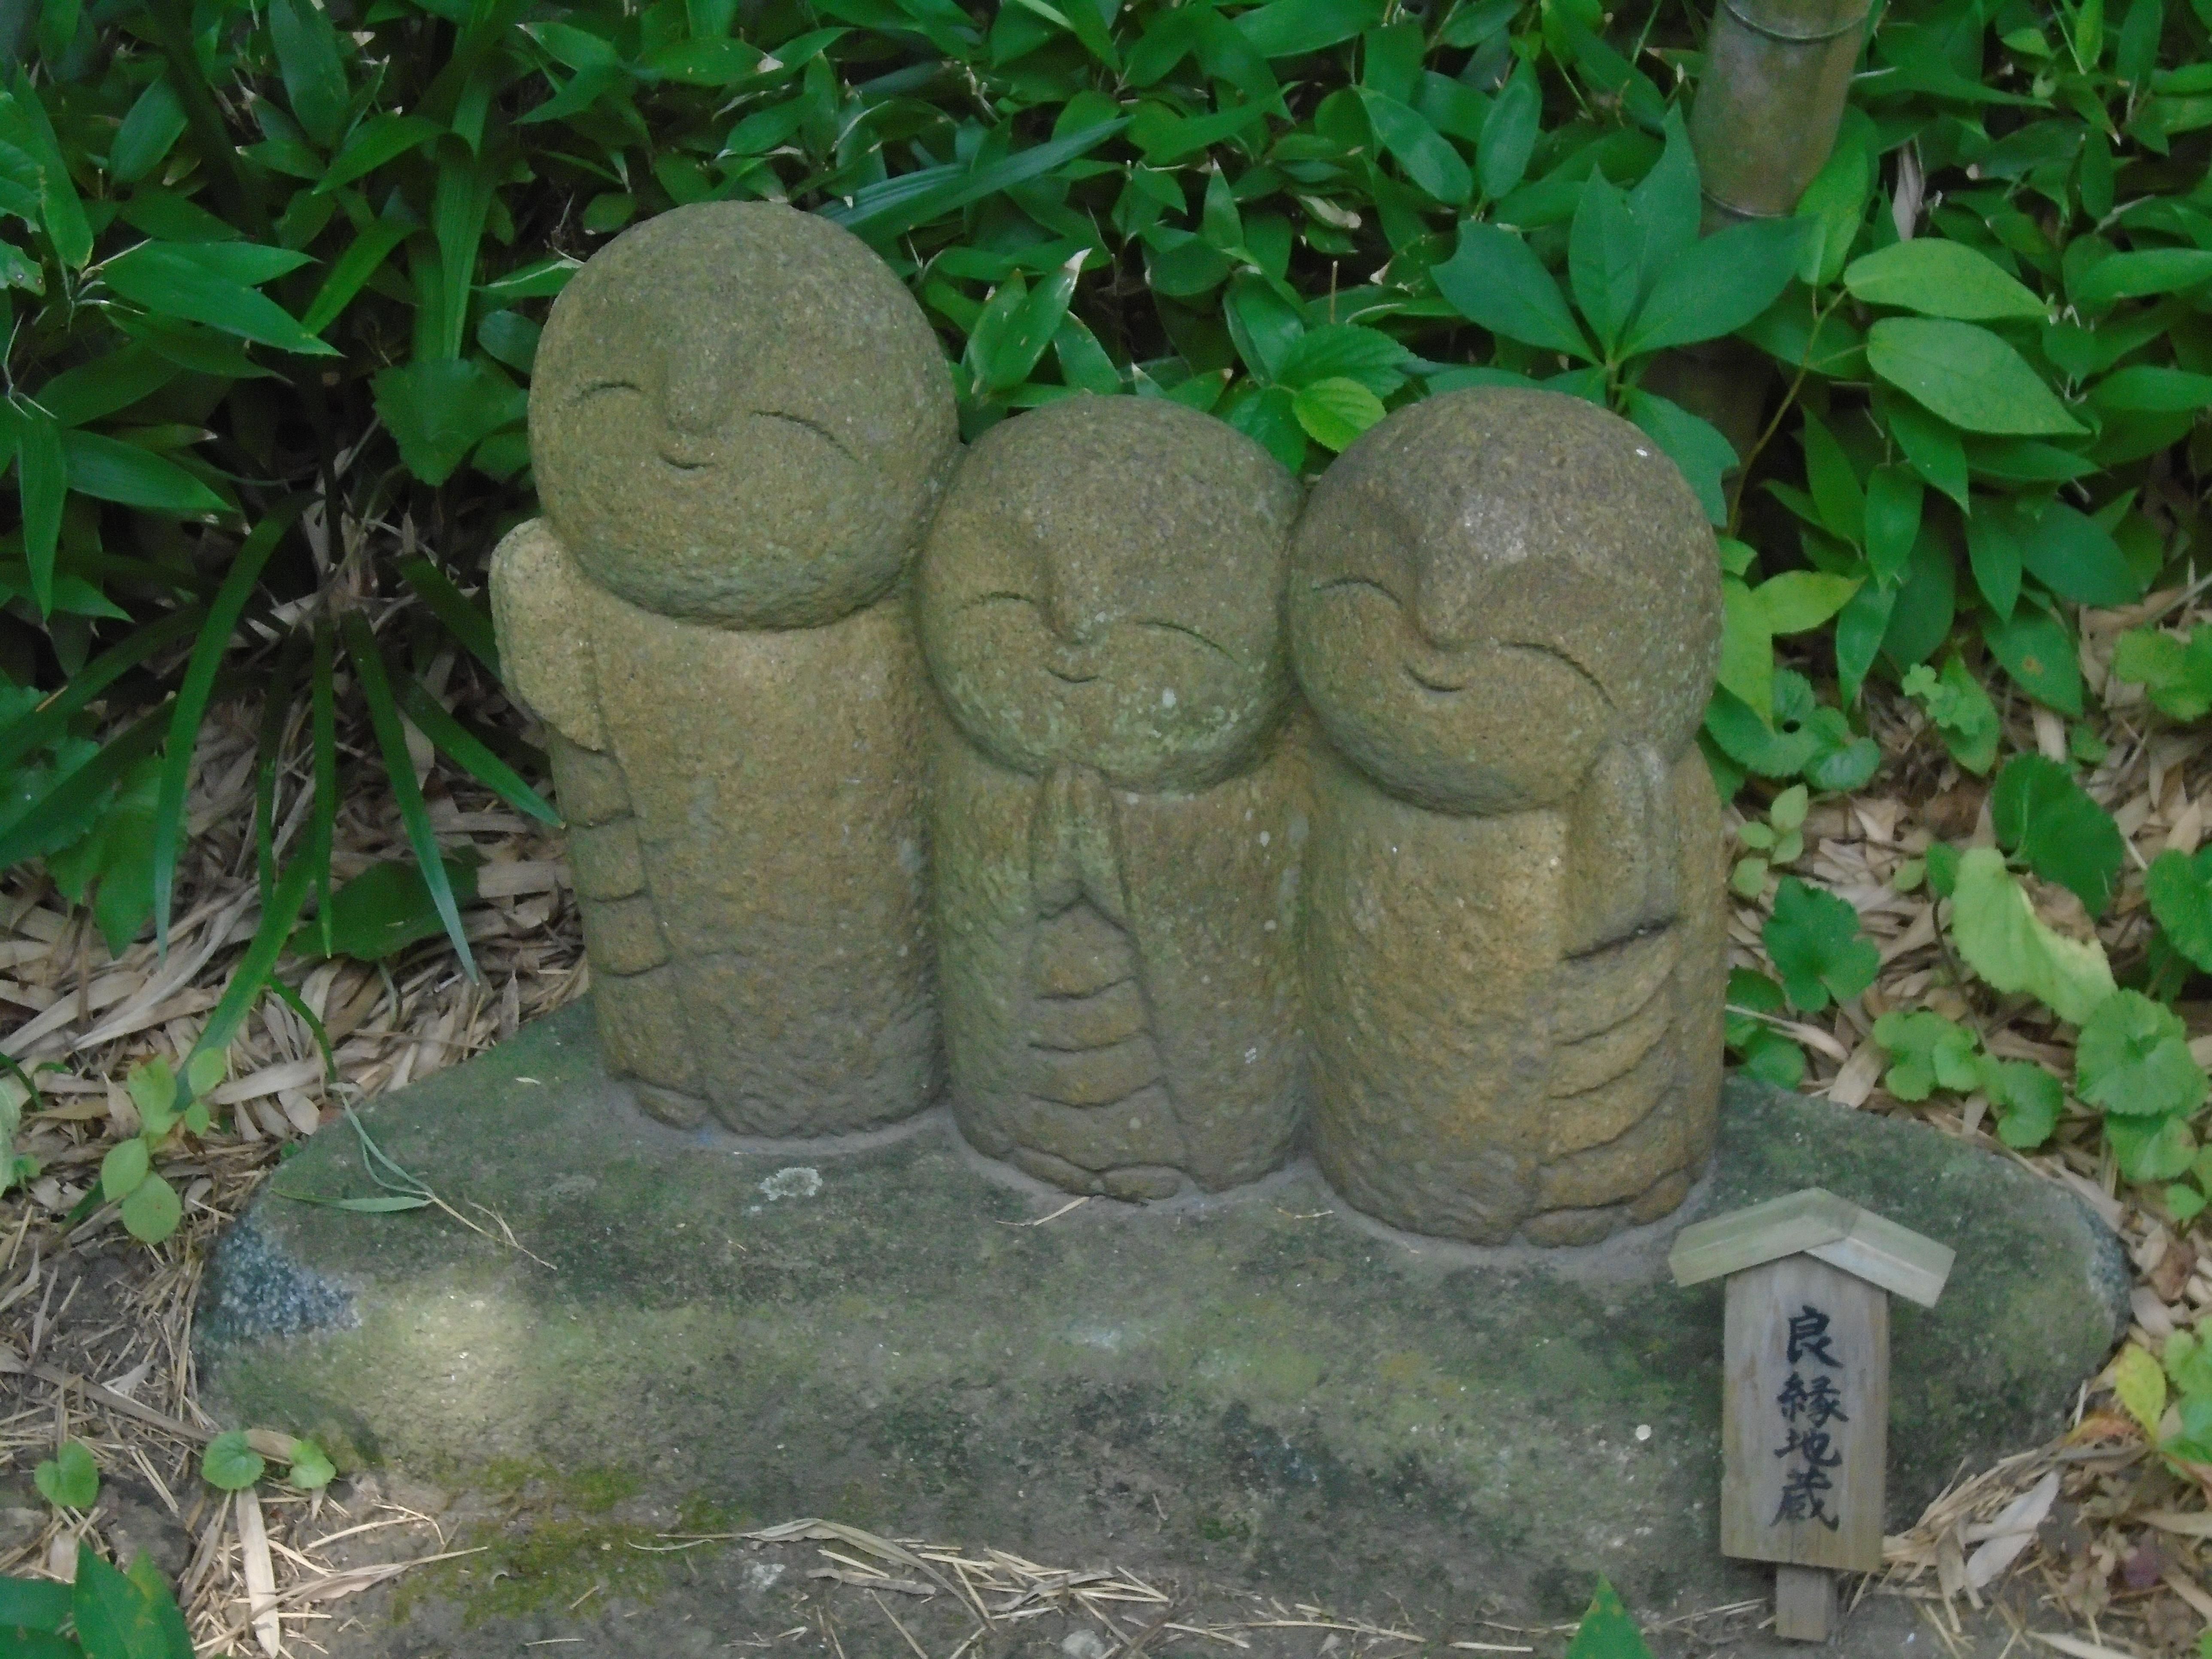 Happy Monks in Kanazawa [5152x3864]